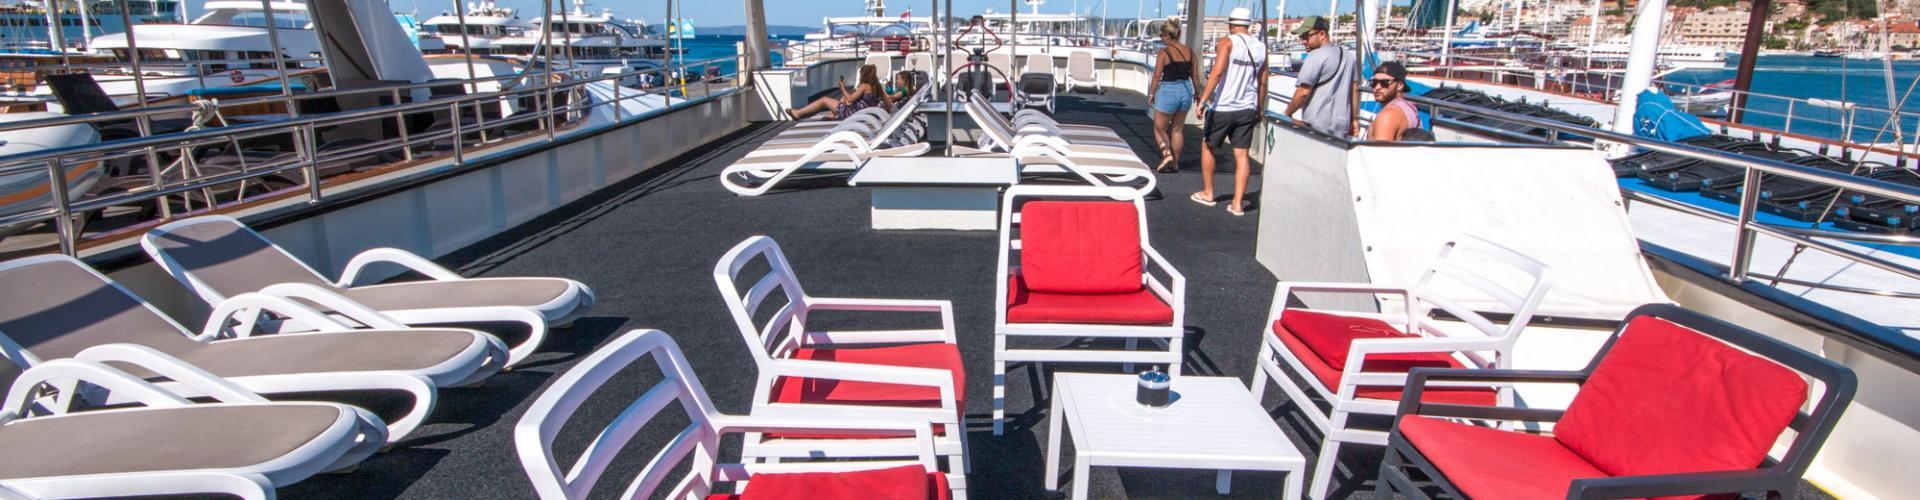 motor boat Premium Superior cruiser MV Majestic